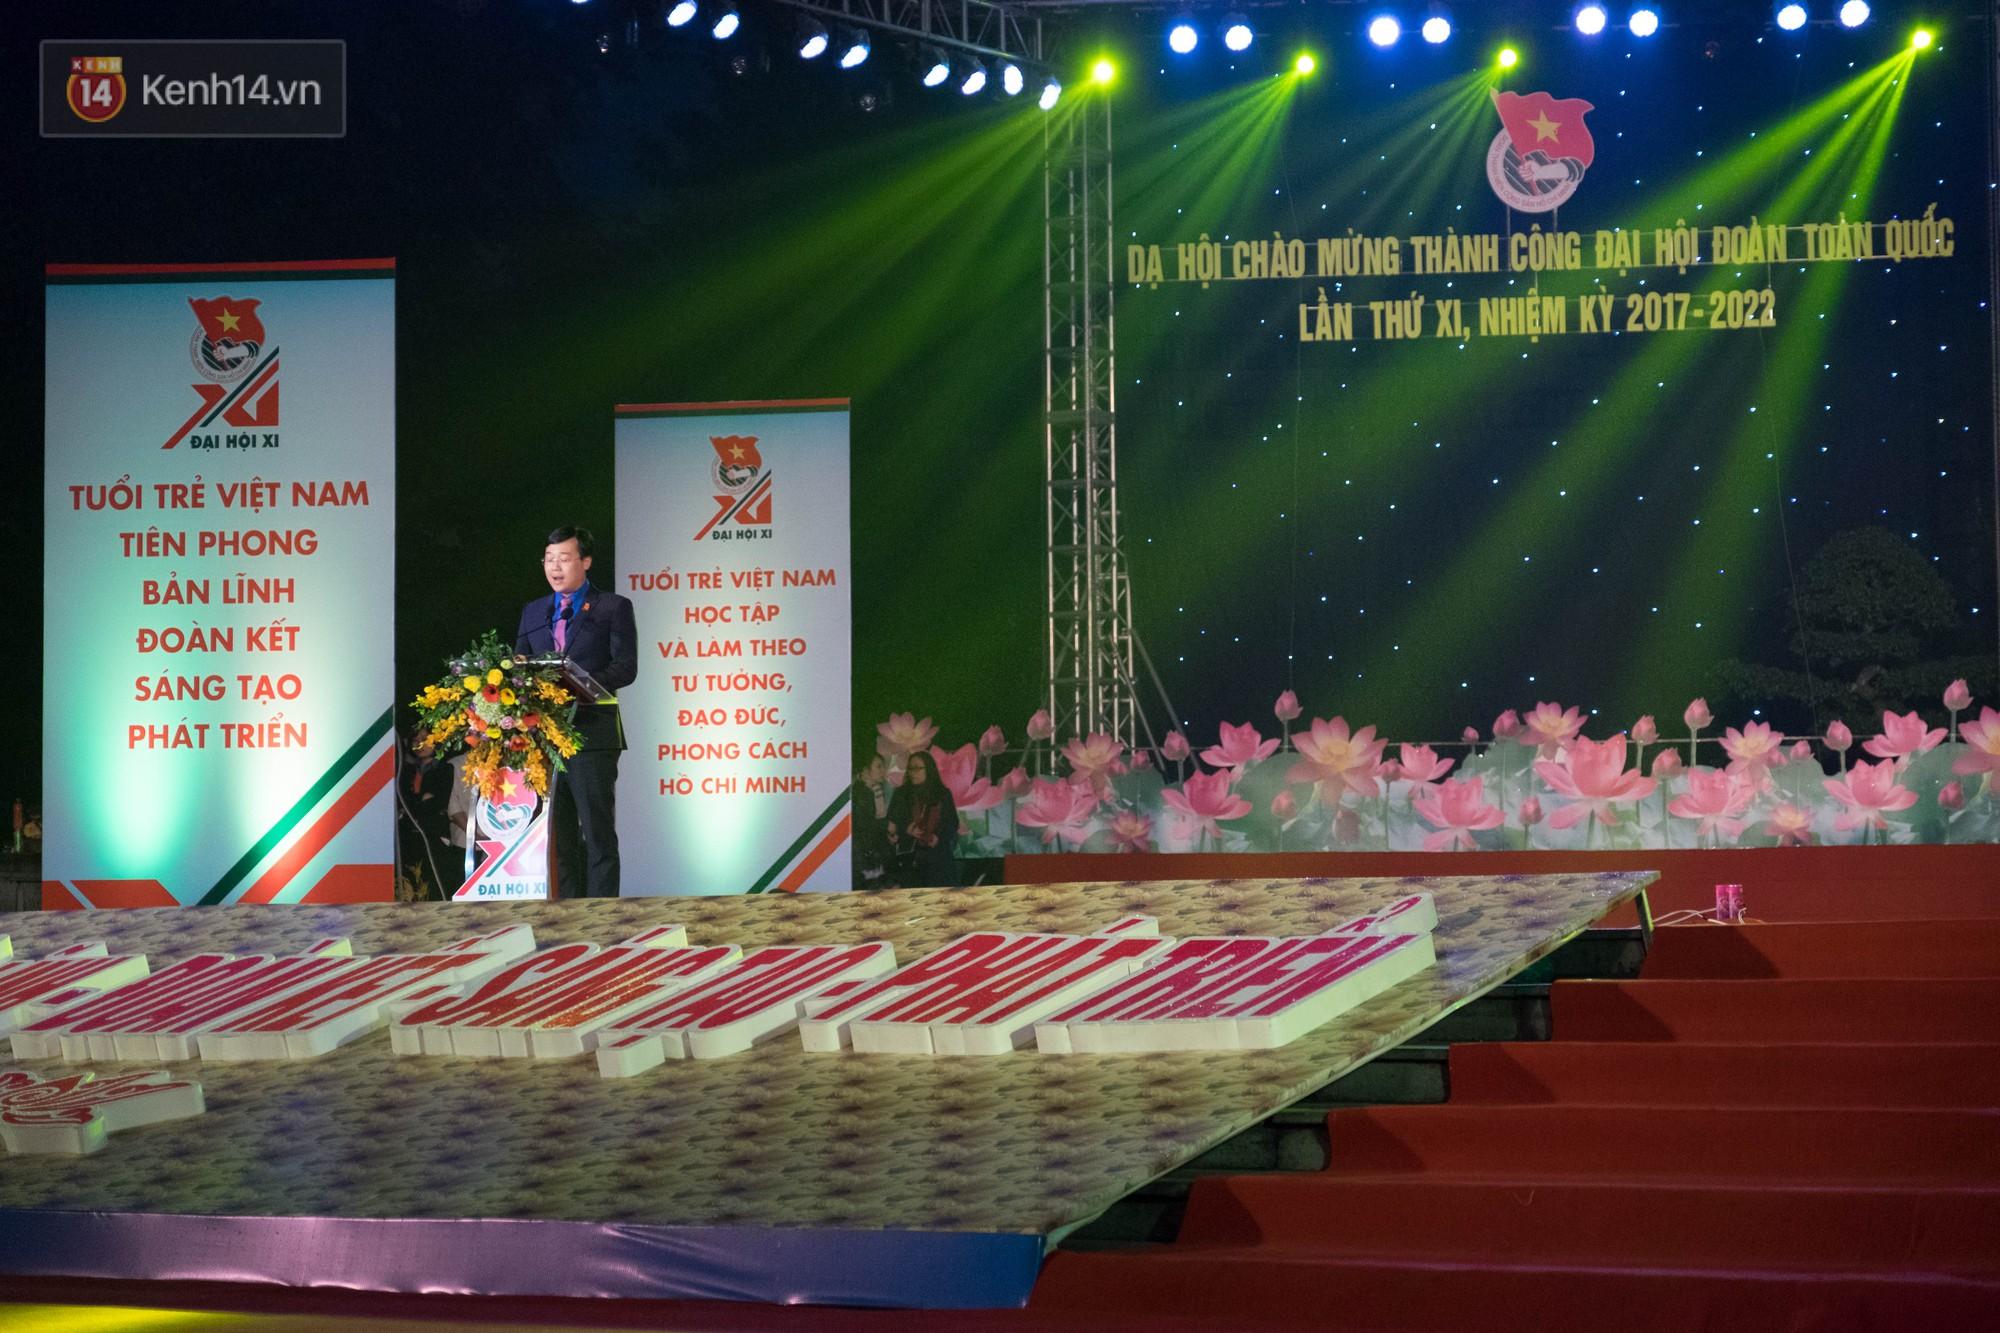 Dạ hội chào mừng thành công Đại hội Đoàn toàn quốc với màn hợp xướng 50 SV cực hoành tráng - Ảnh 2.